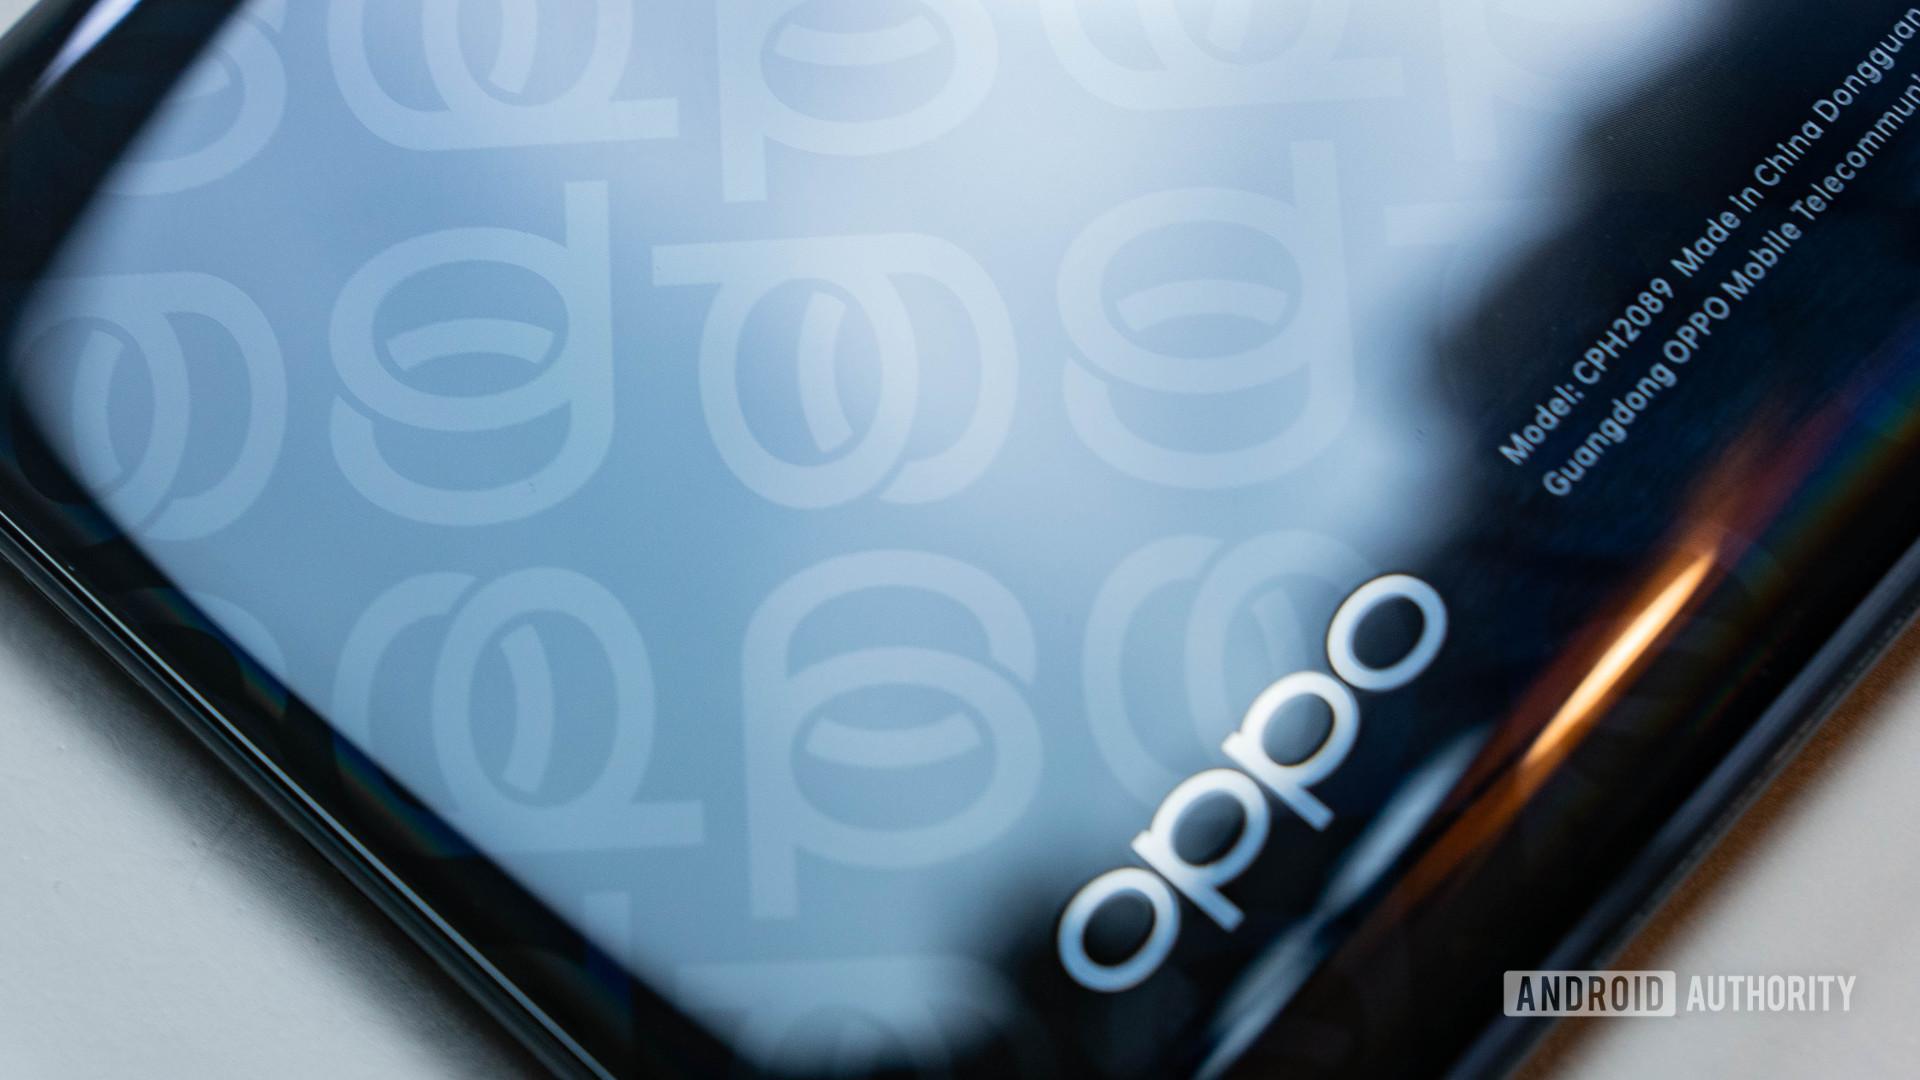 Gros plan sur le motif du logo arrière Oppo Reno 4 Pro 5G